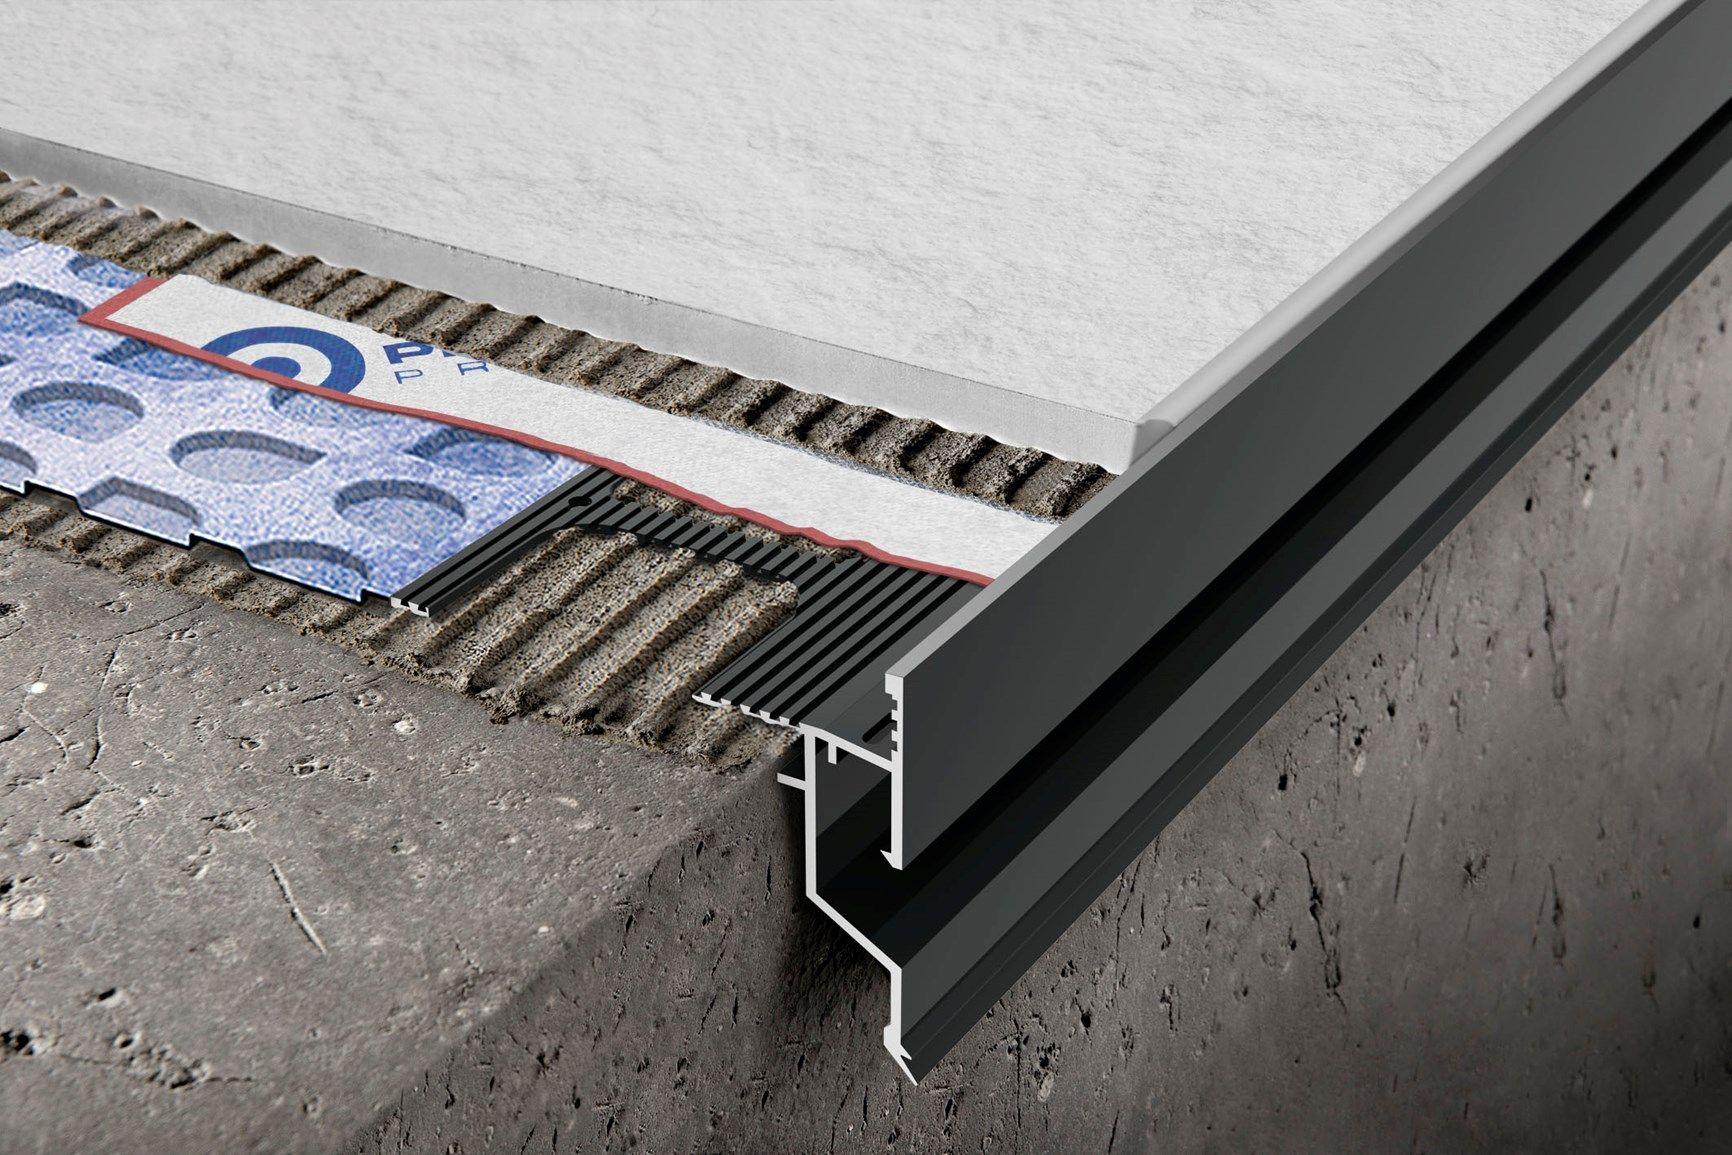 Terrazzi e balconi protetti e perfetti nel tempo grazie a Proterrace Drain Drip